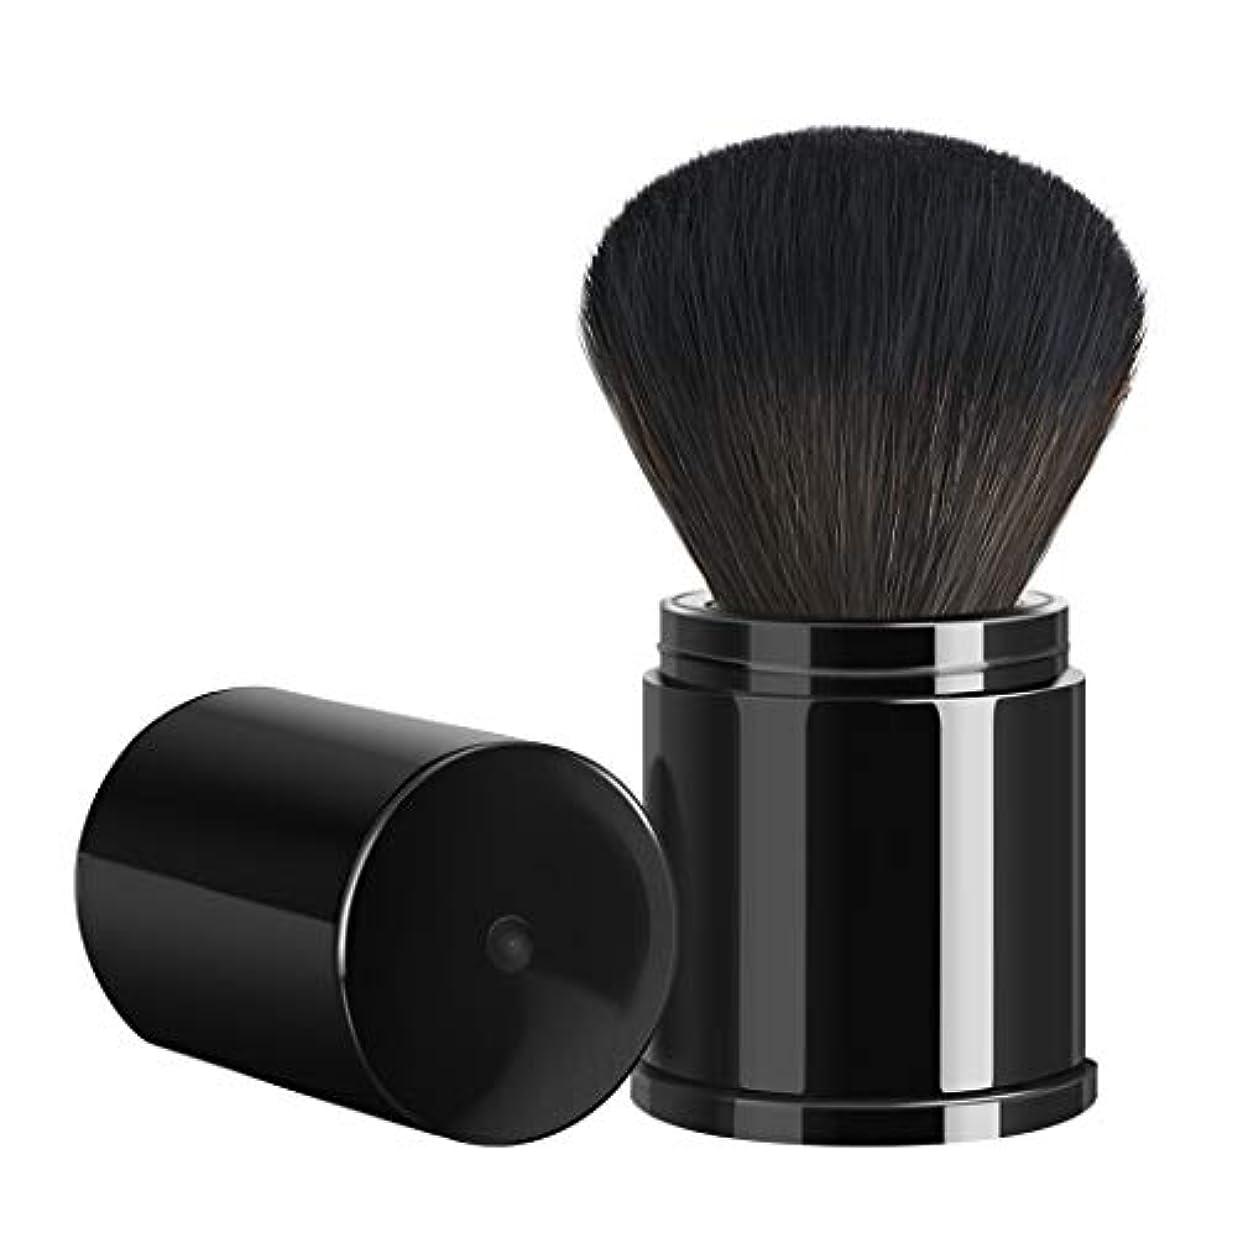 スカープ不変面積BLDファンデーションブラシ フェイスブラシ 伸縮式化粧筆 持ち運び便利 携帯用化粧筆用具 新型伸縮メイクブラシ